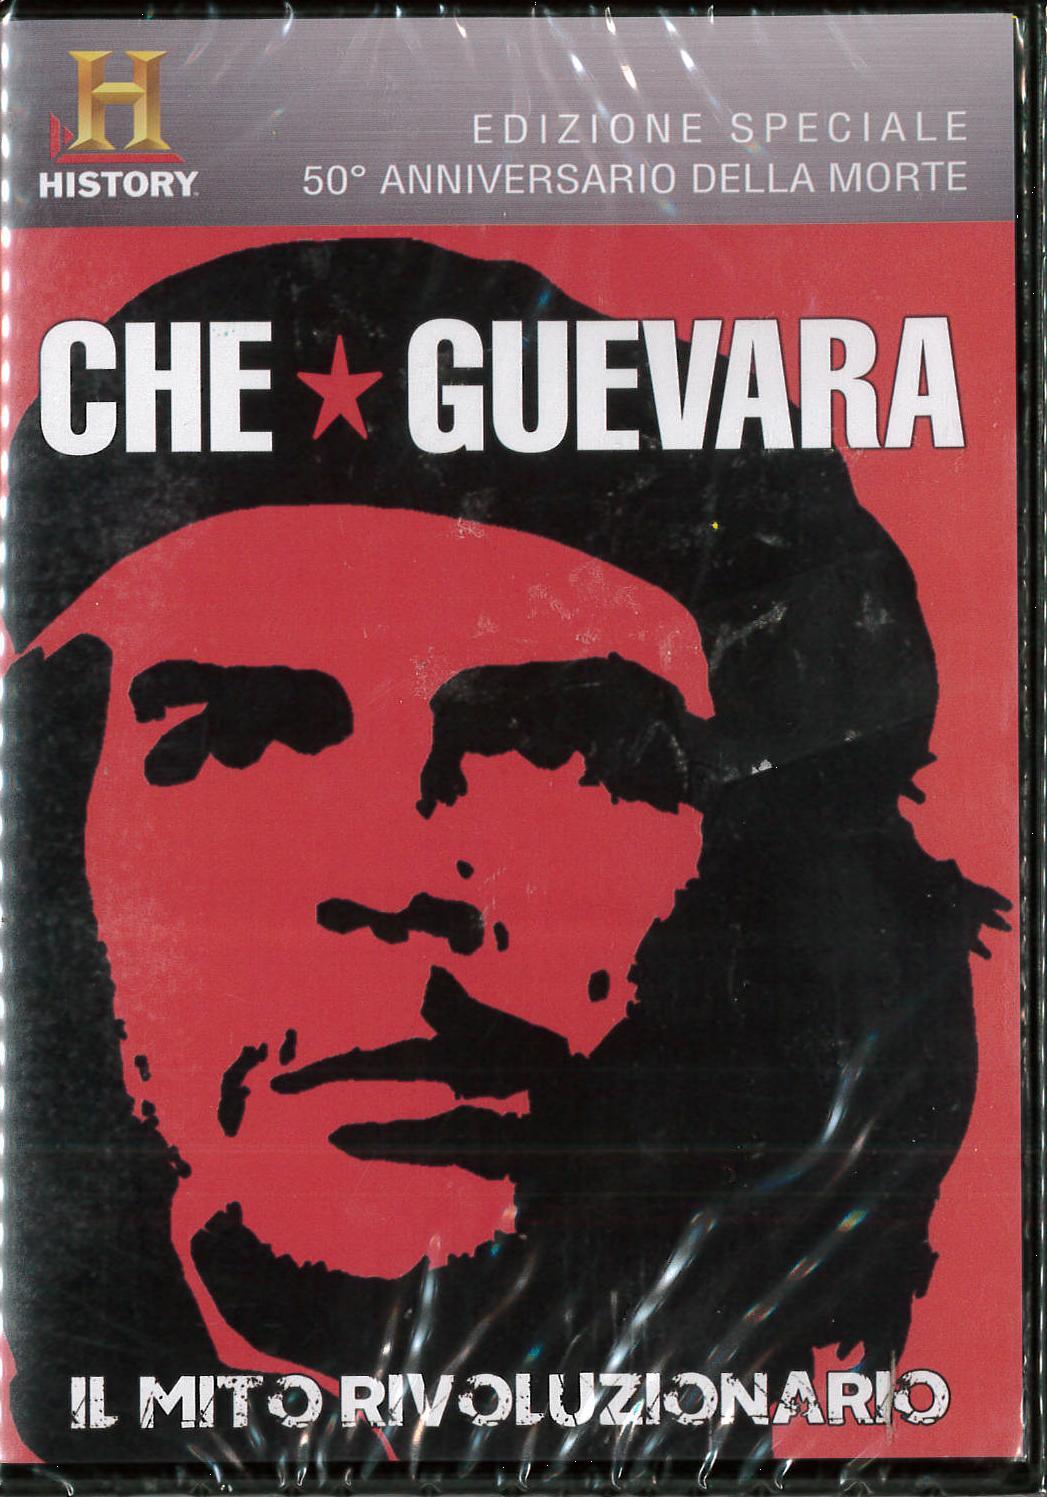 CHE GUEVARA - IL MITO RIVOLUZIONARIO (DVD)